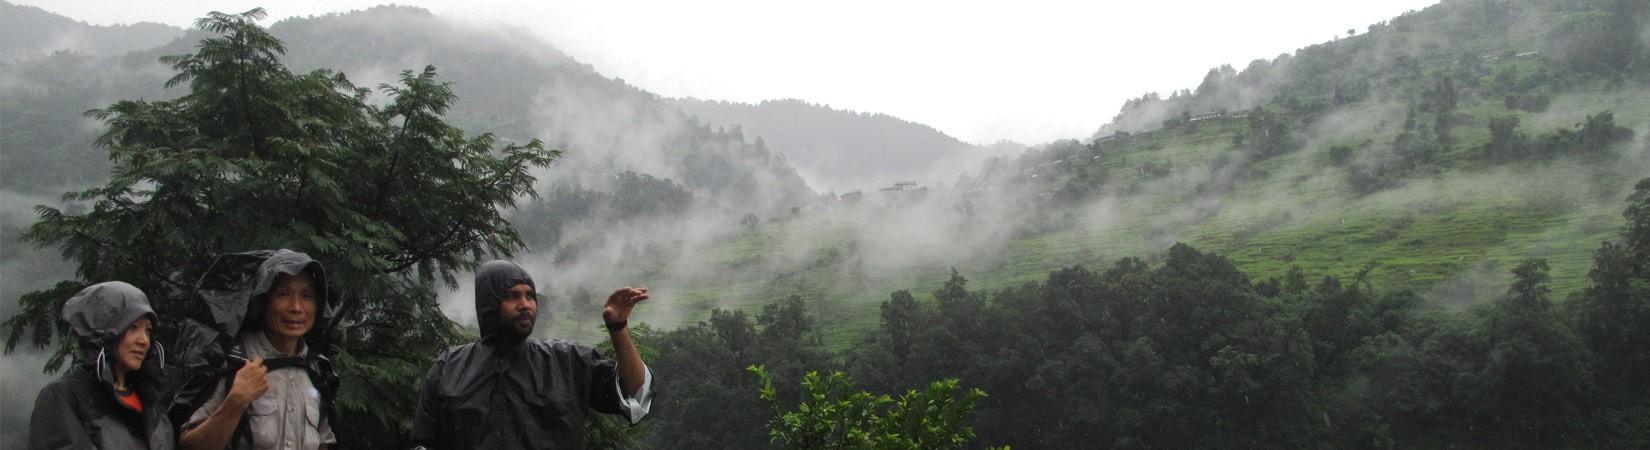 Monsoon Trekking in Nepal